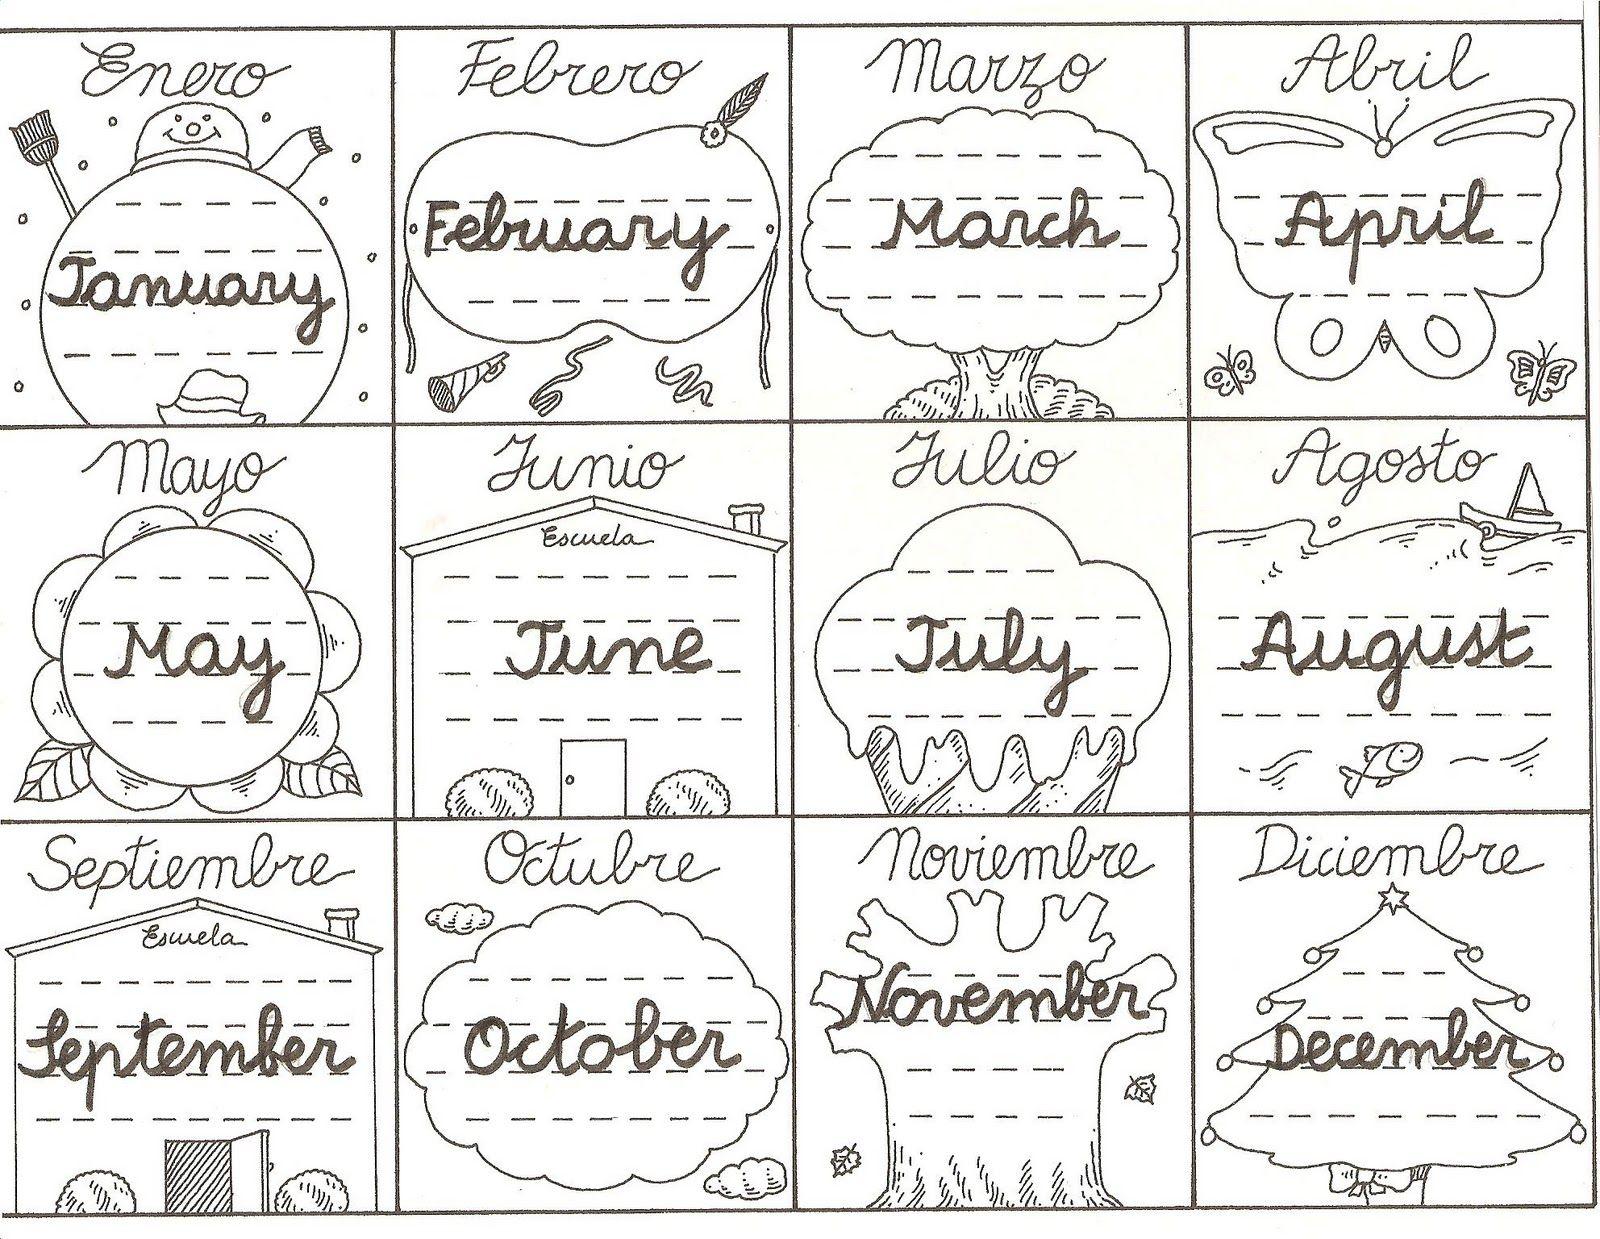 Activipeques: Meses del año en inglés | Inglés | Pinterest | Años ...